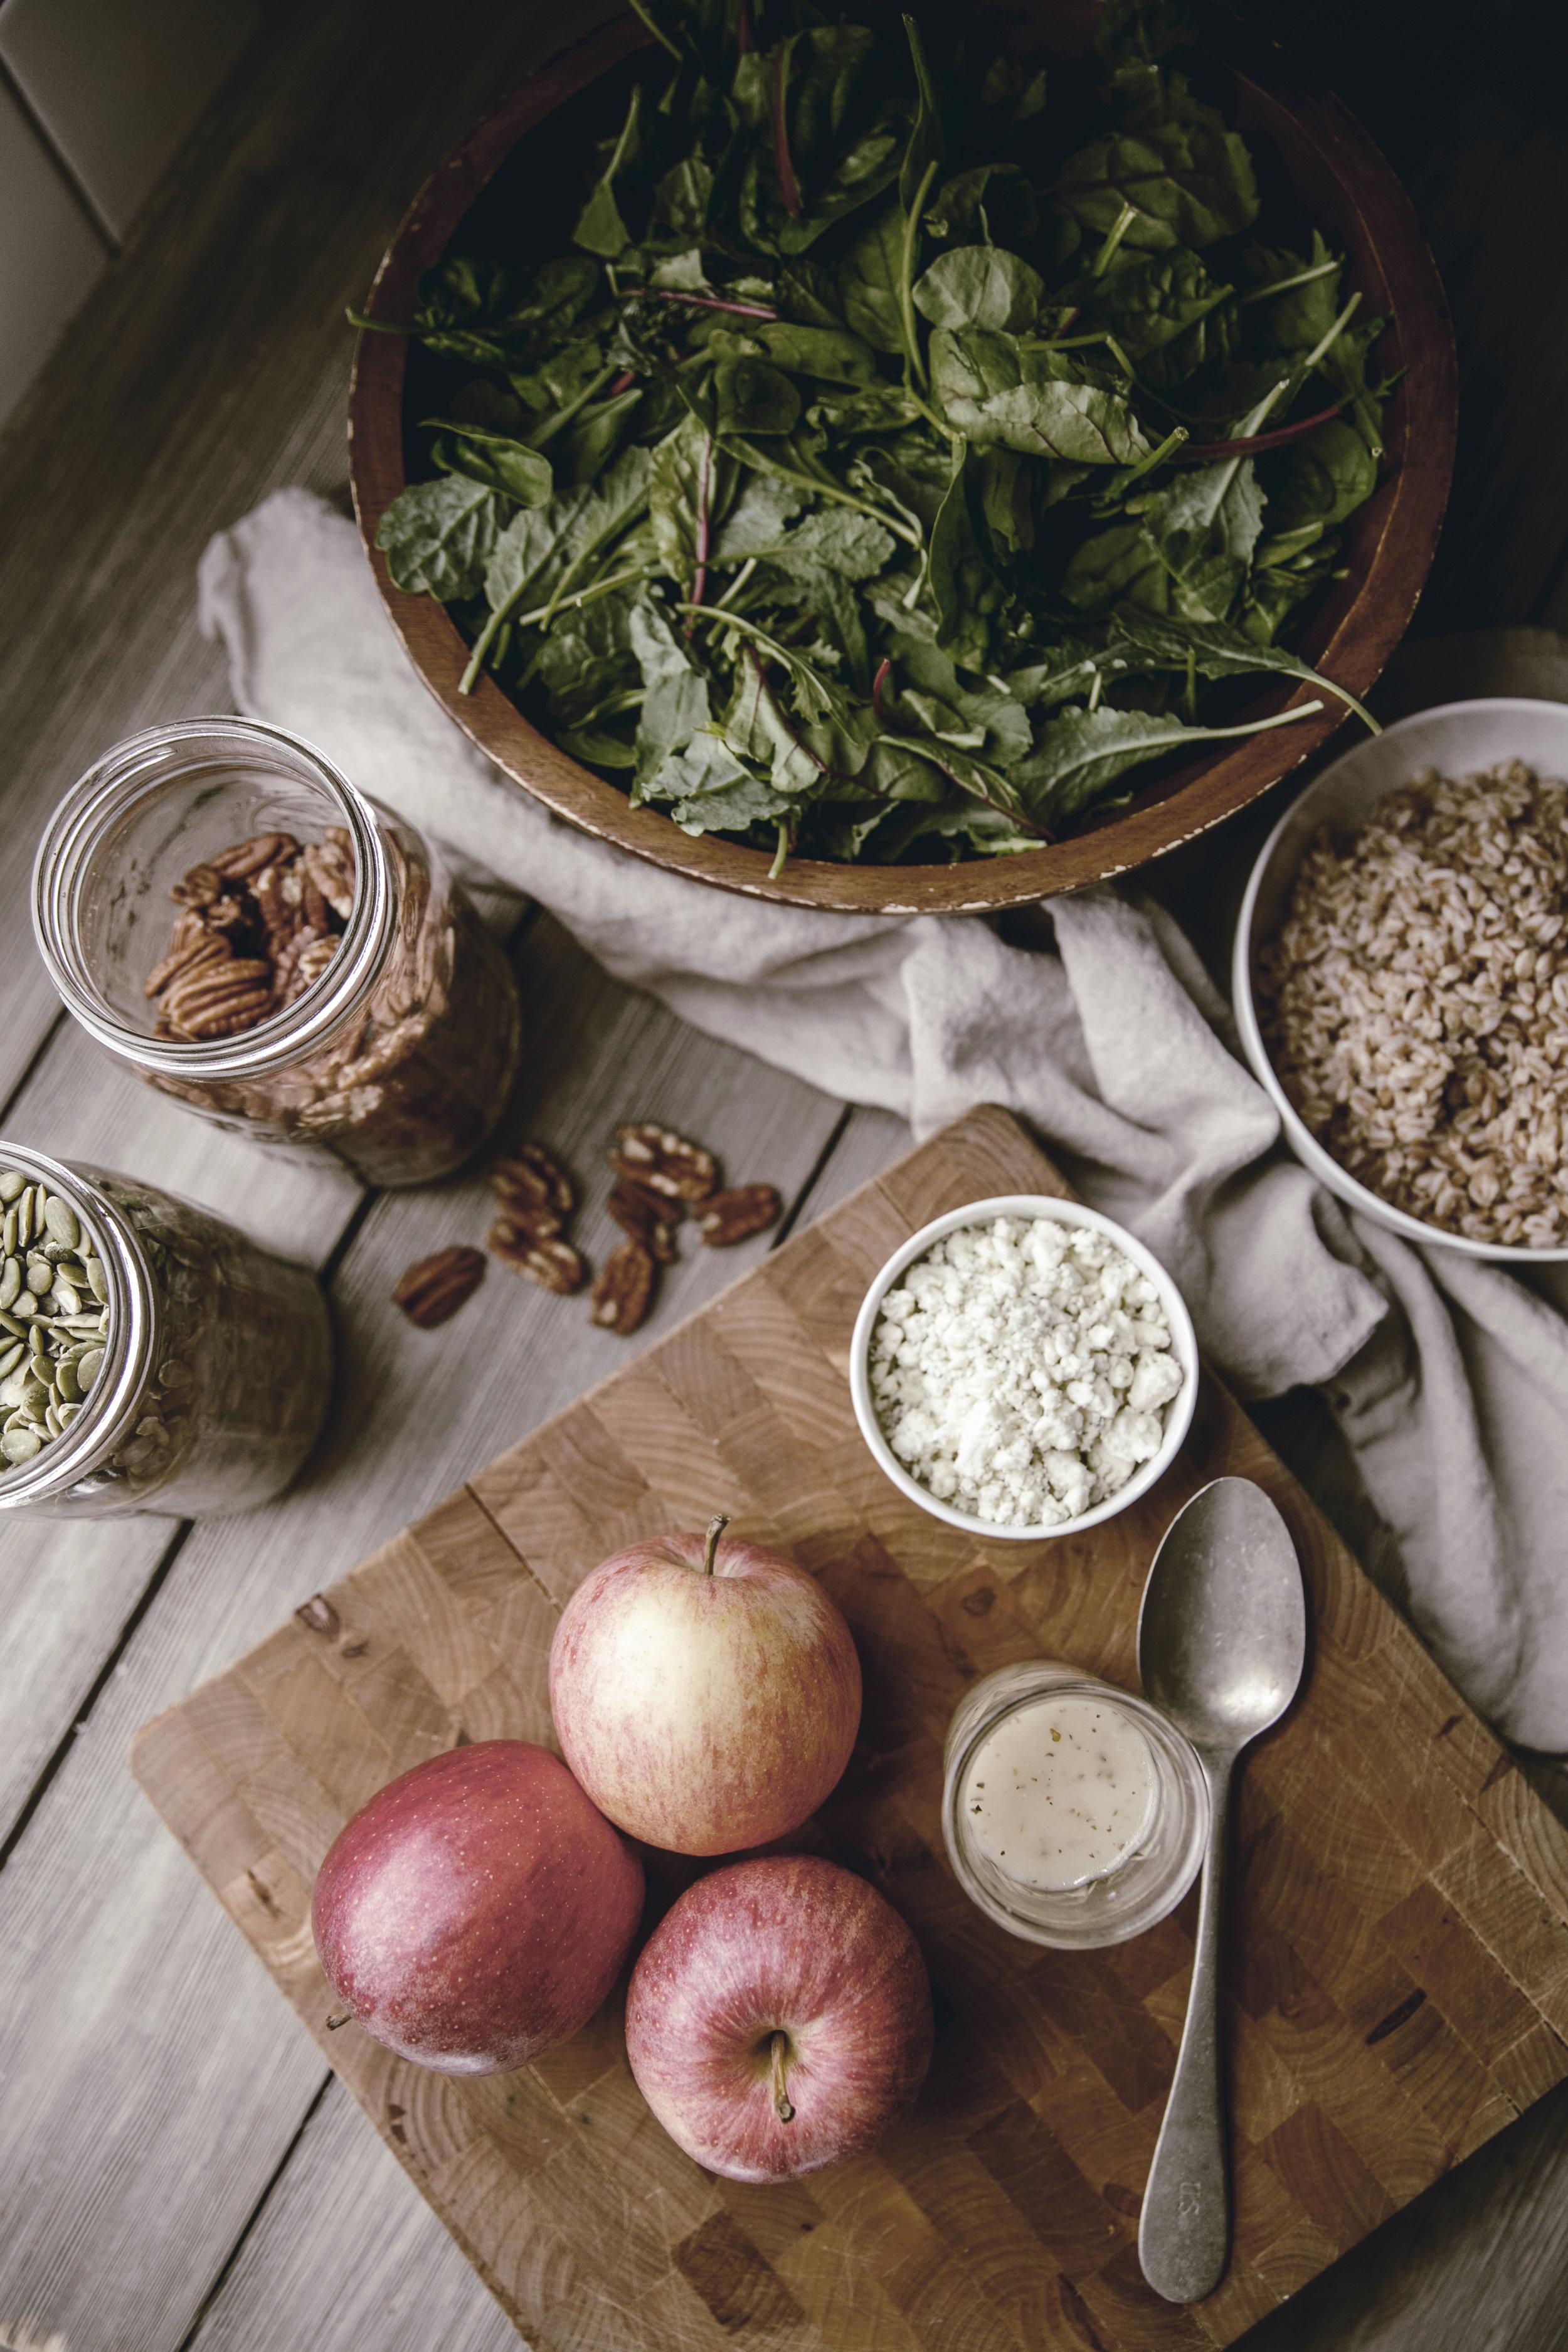 Apple Harvest Salad and Apple Cider Dressing